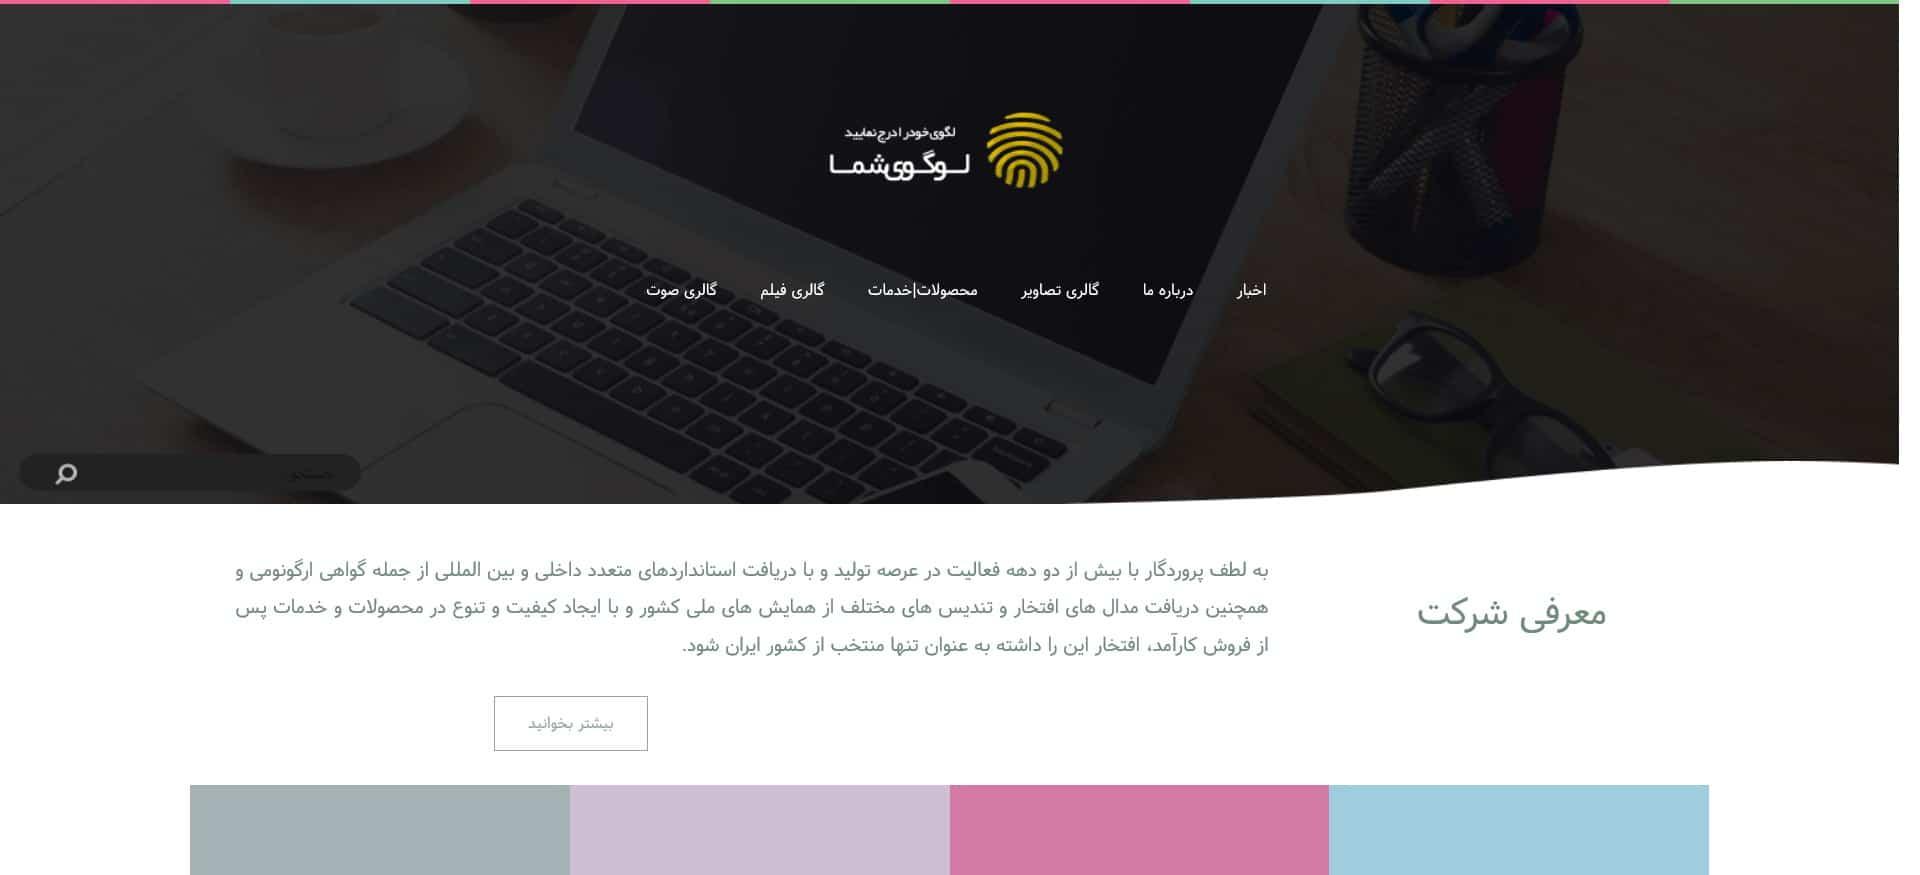 وب سایت شرکتی اداری جاوید